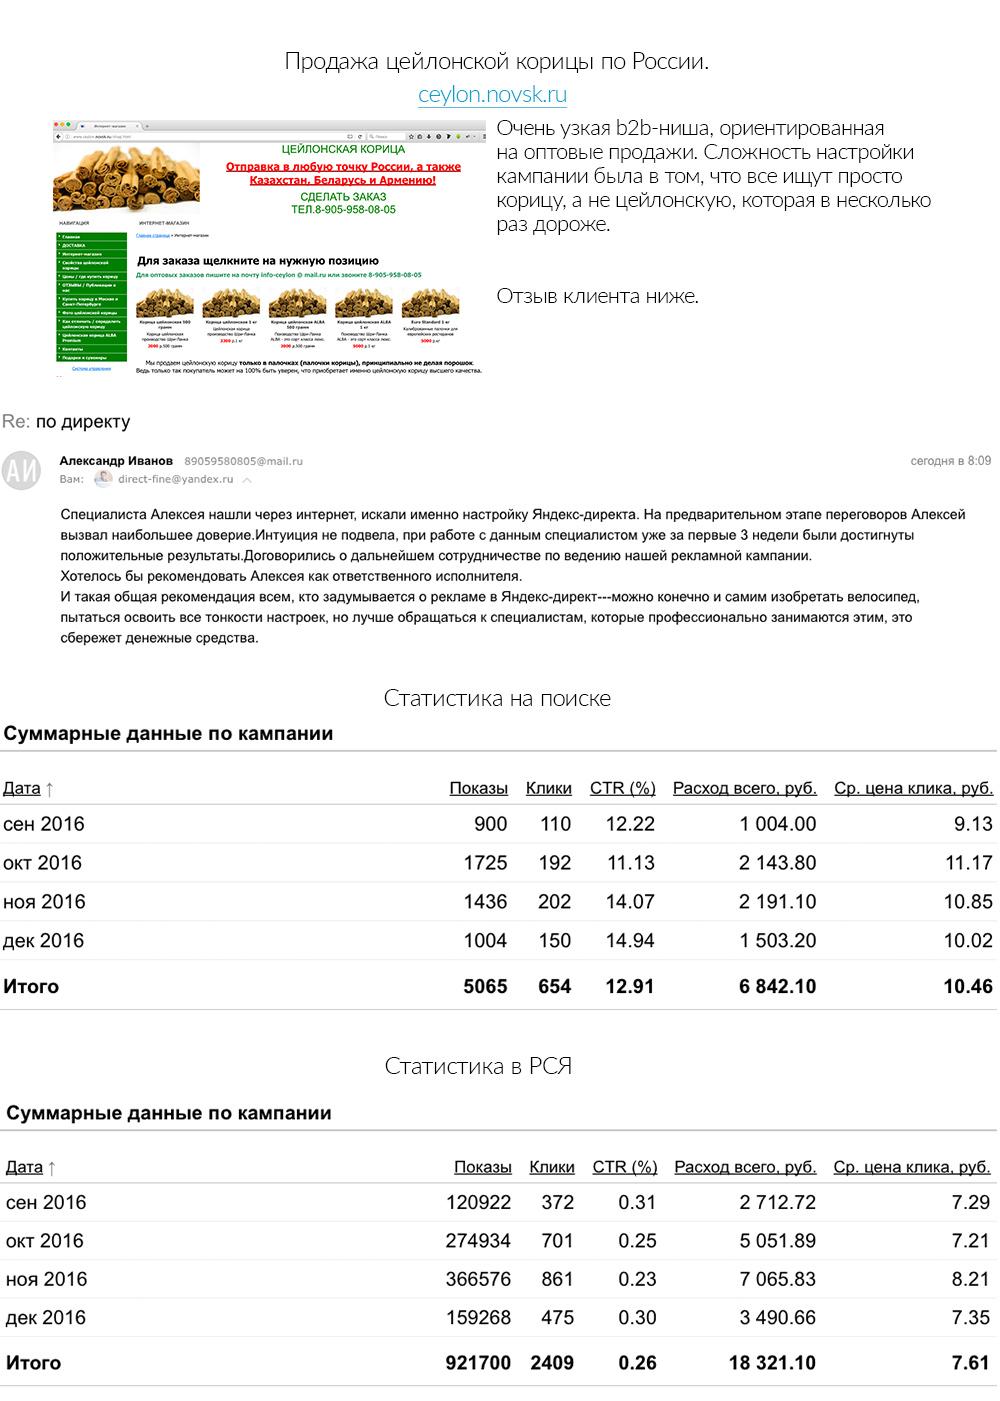 Настройка кампании – от 8 тыс. руб. (за 1 направление)